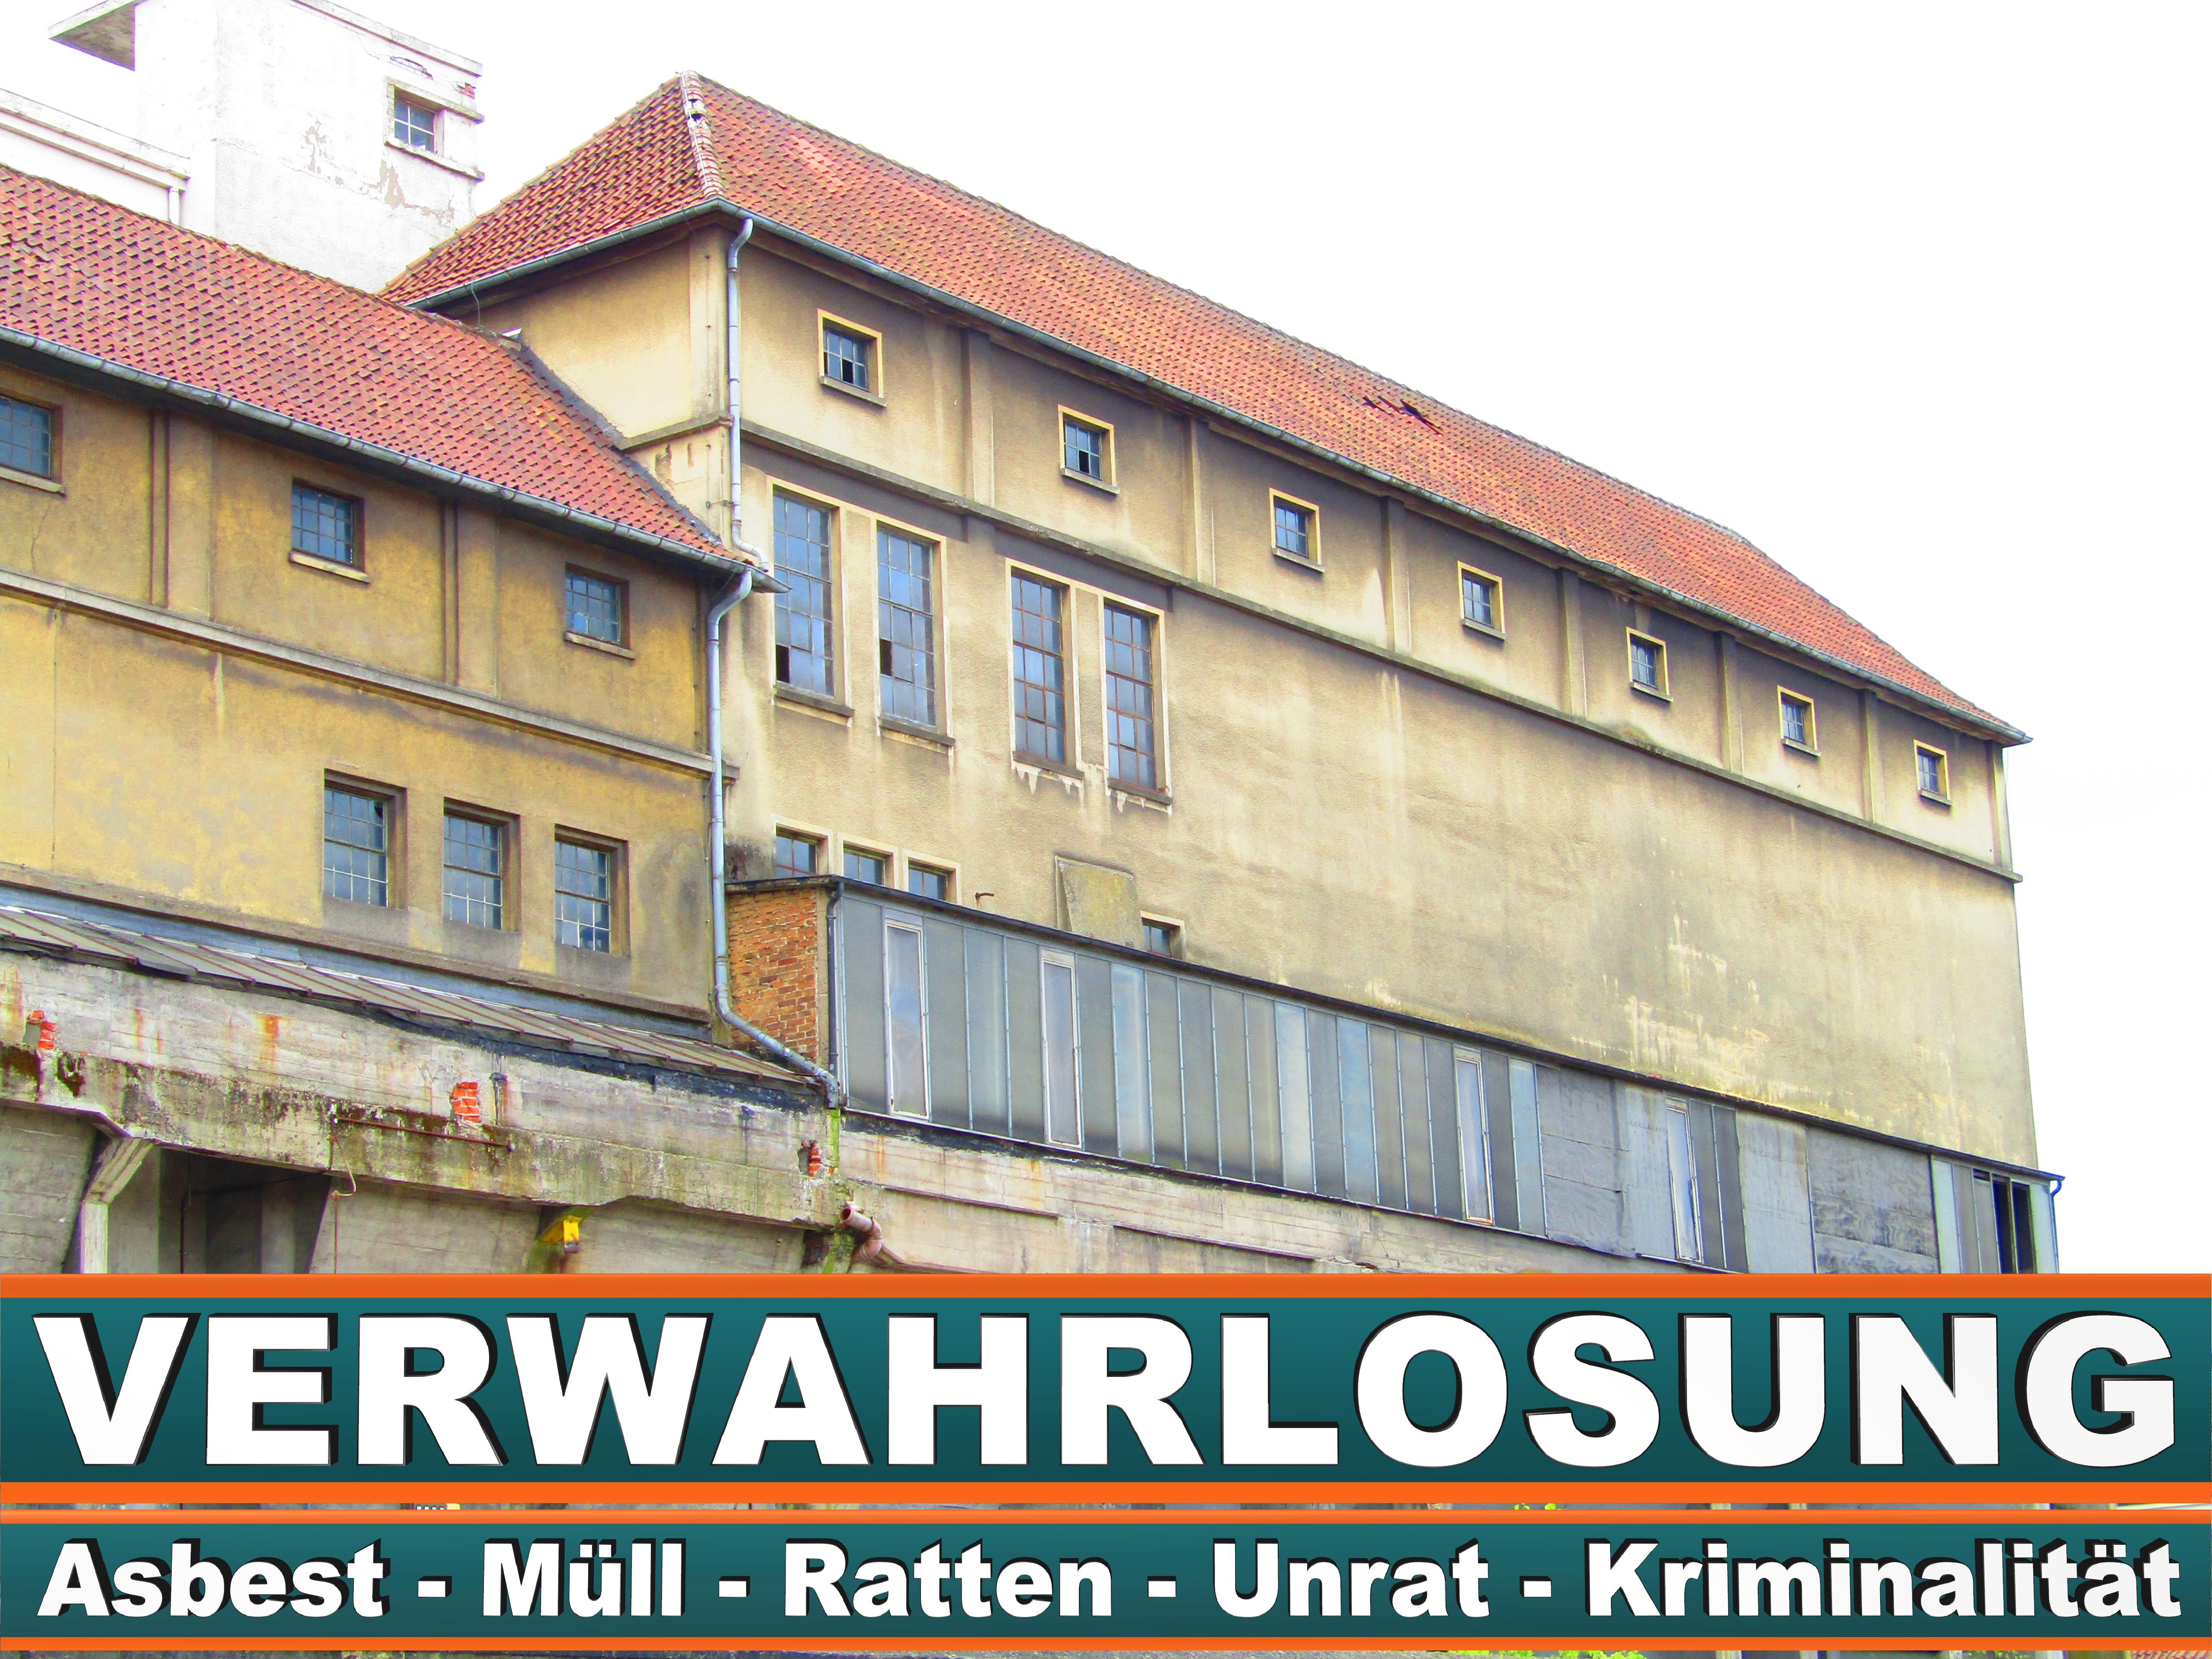 KELLER ROHRLEITUNGSBAU JENS KELLER HAFLINGERSTR 49 GüTERSLOH